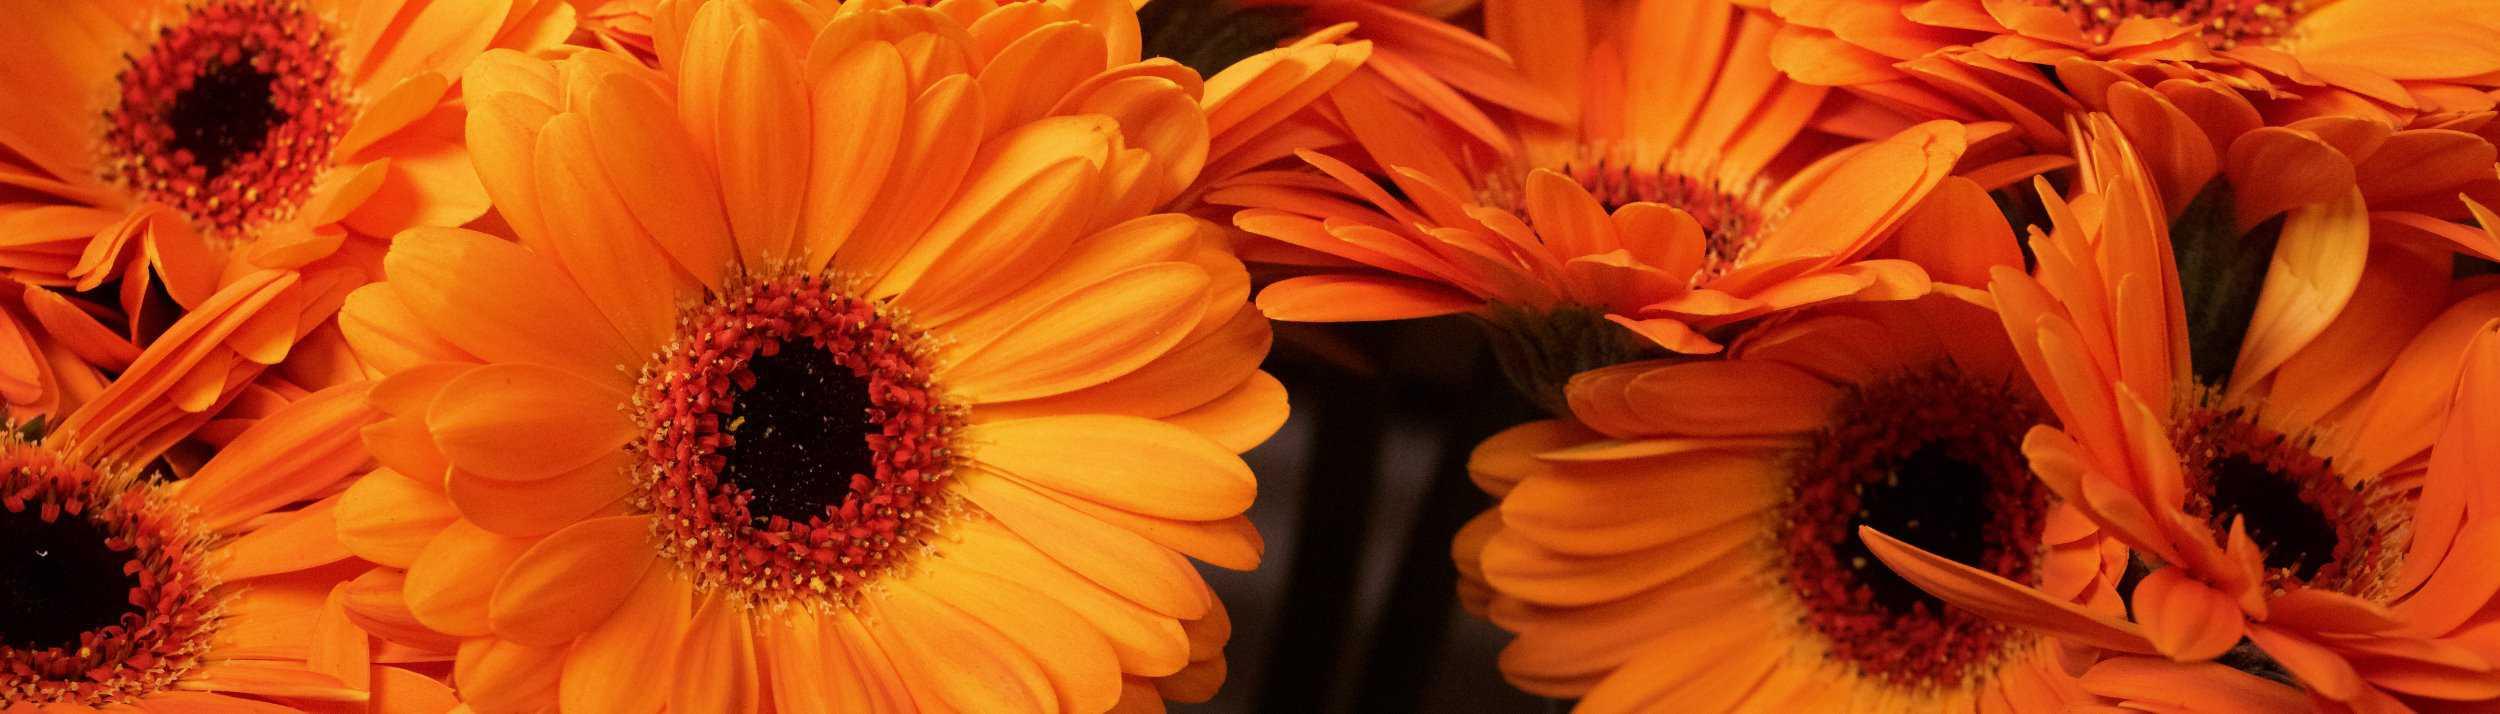 Eine Detailaufnahme von orangenen Gerberablüten